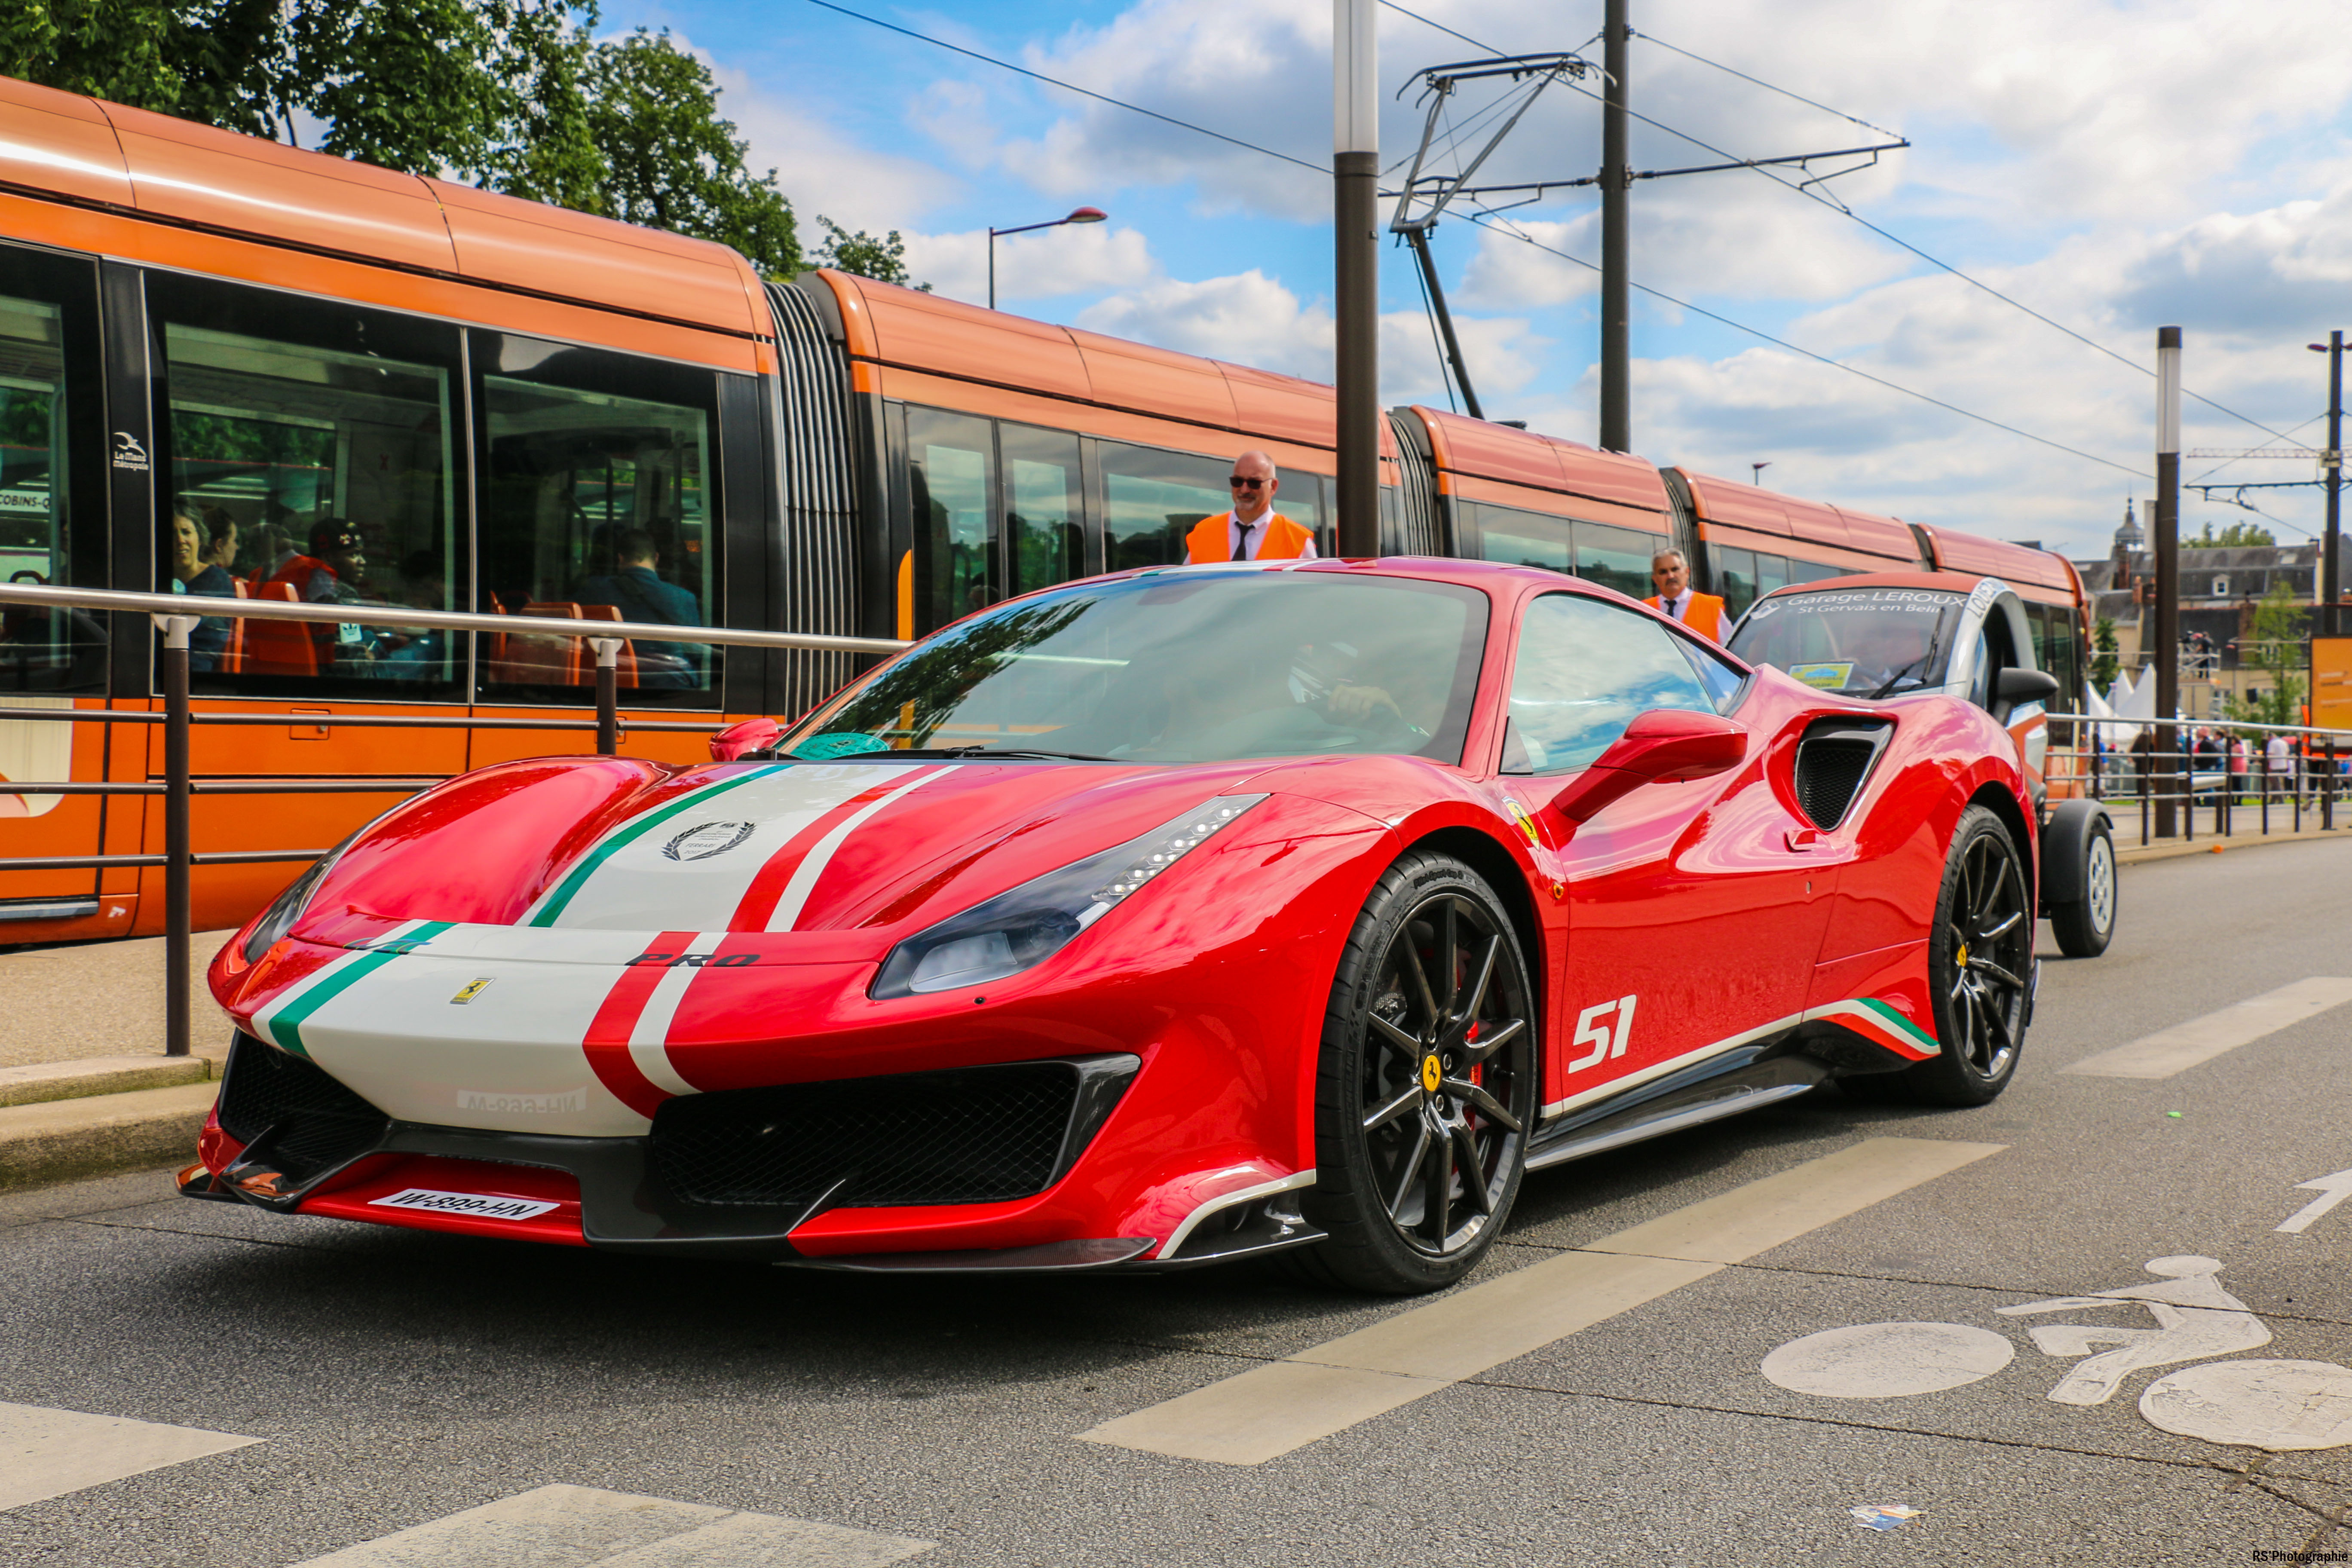 Ferrari 488 Pista Piloti Ferrari - front road - Le Mans 24h - 2018 - Arnaud Demasier RS Photographie